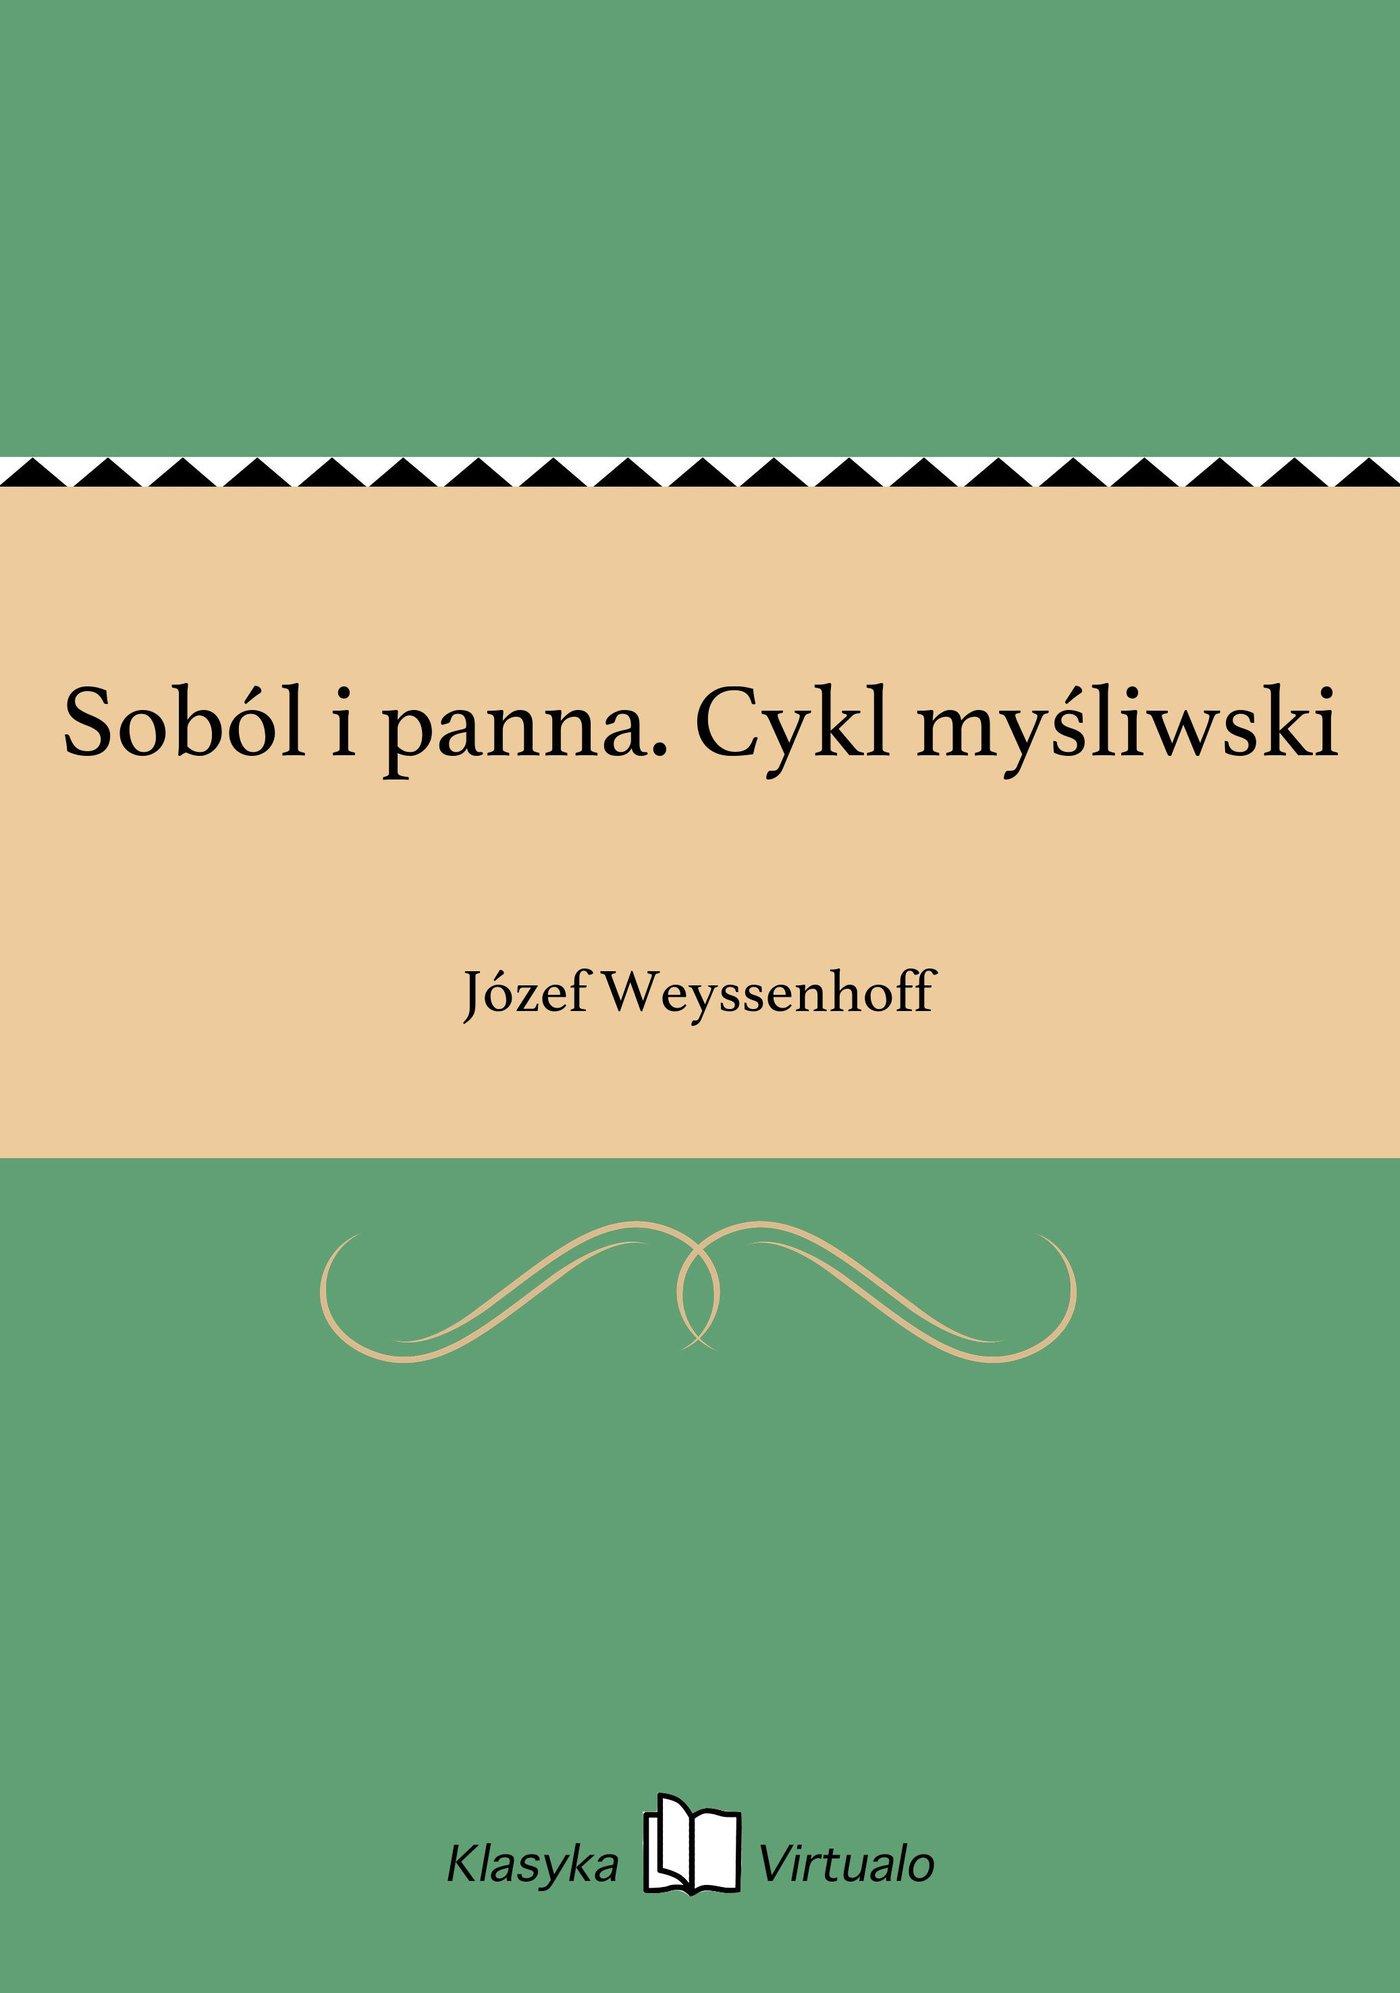 Soból i panna. Cykl myśliwski - Ebook (Książka EPUB) do pobrania w formacie EPUB